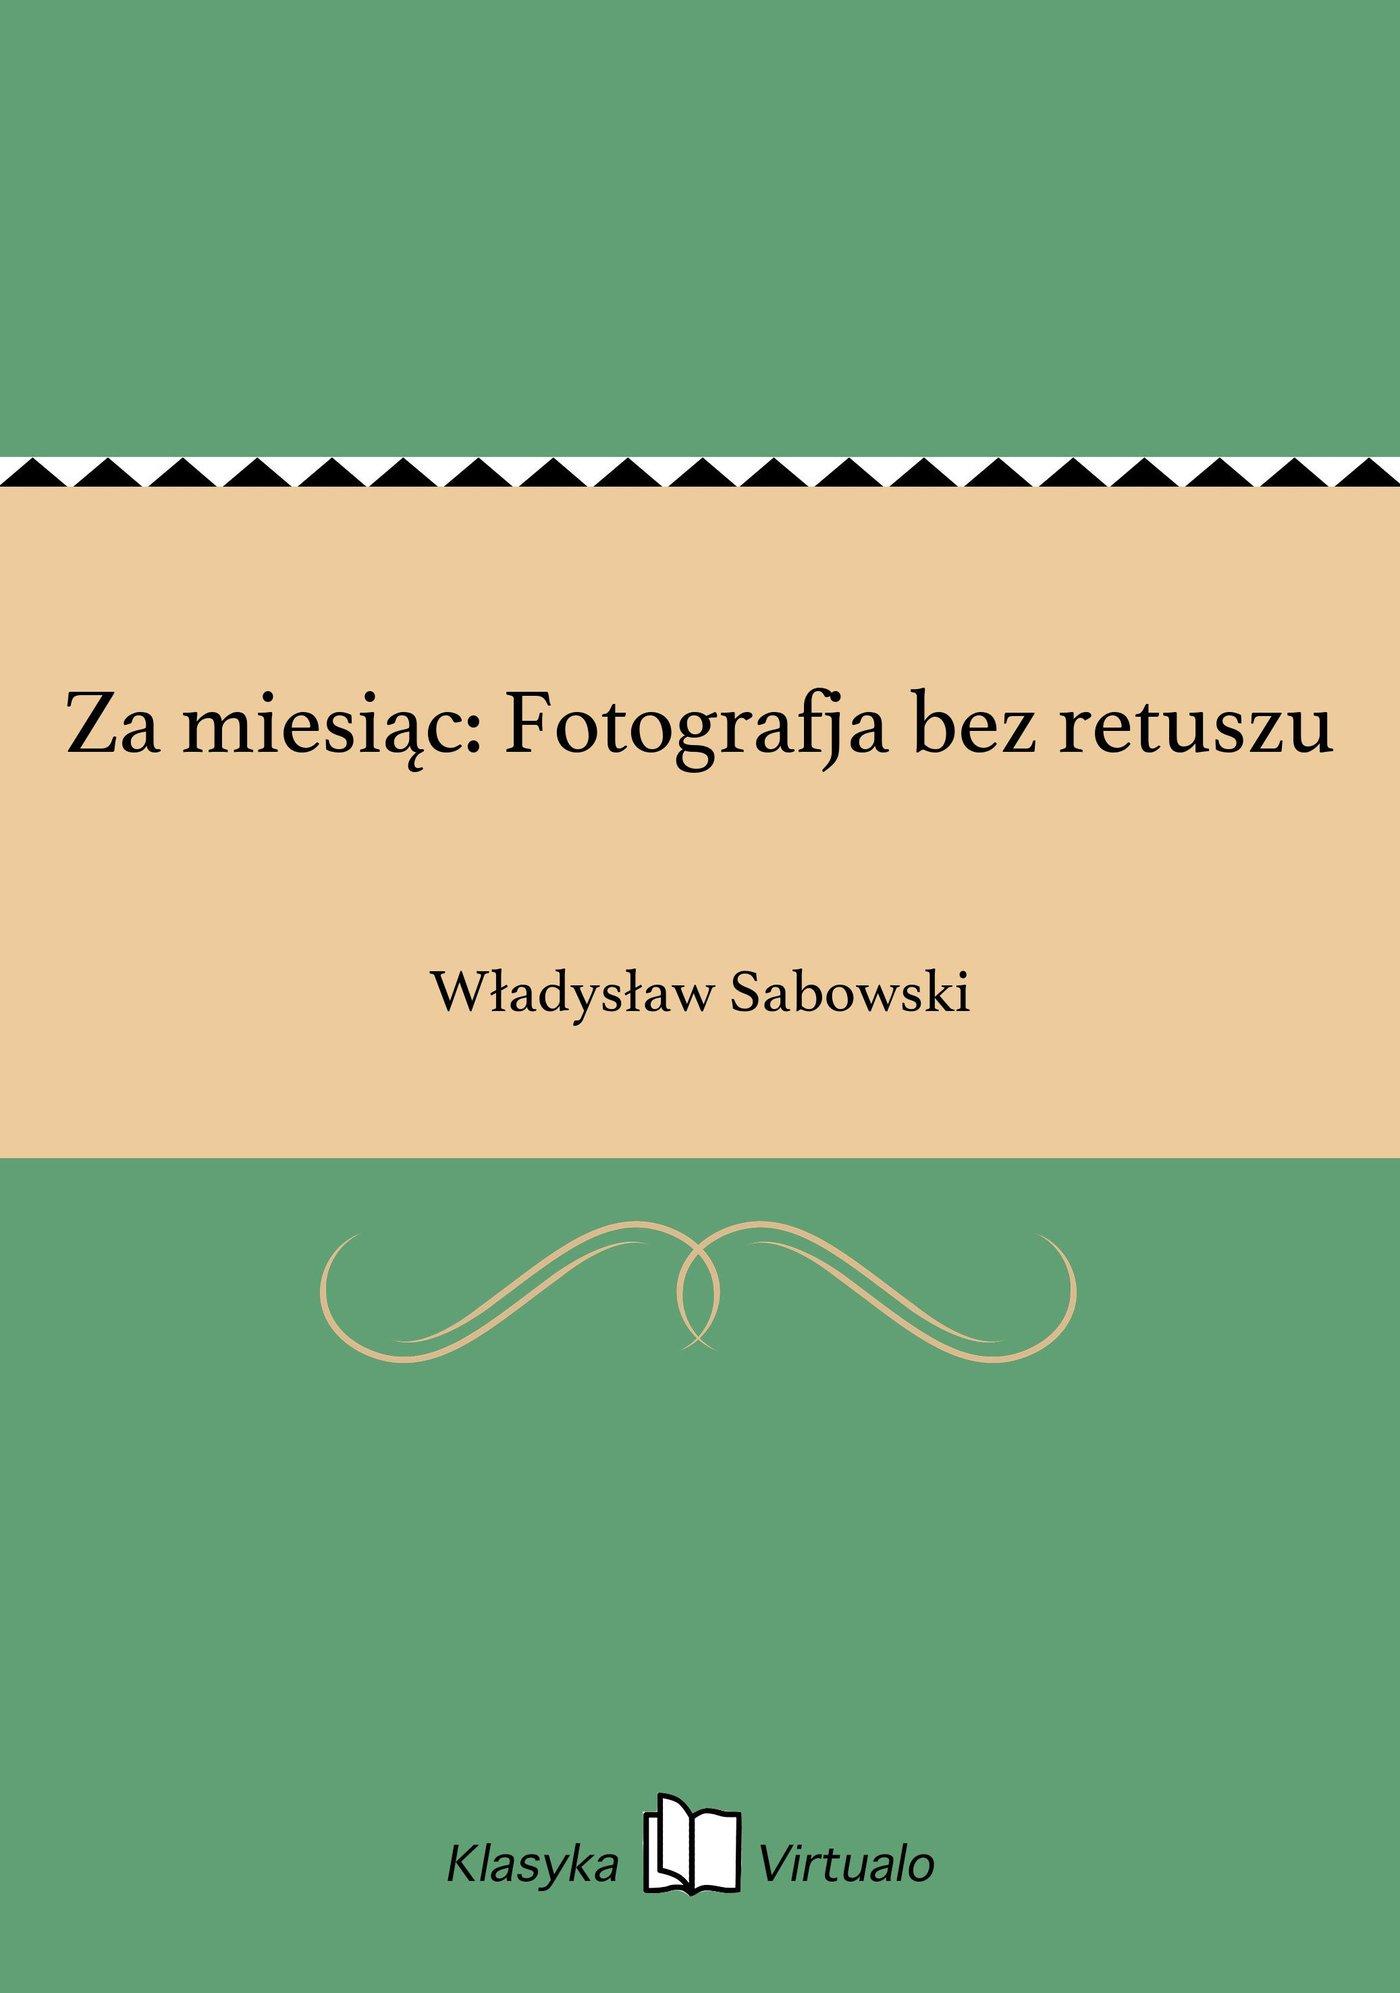 Za miesiąc: Fotografja bez retuszu - Ebook (Książka EPUB) do pobrania w formacie EPUB